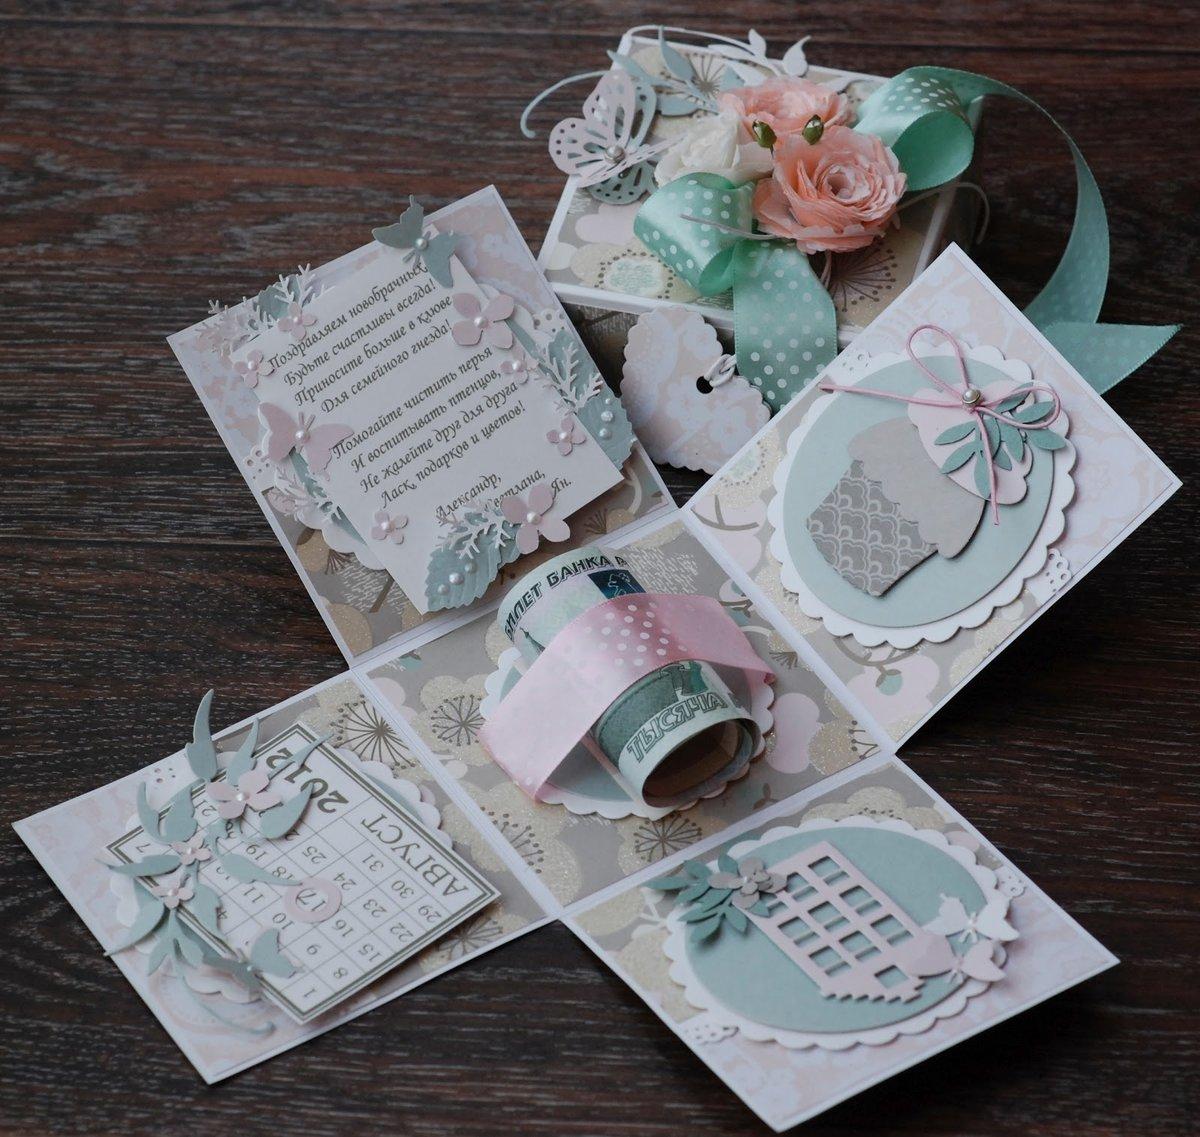 Подарки на свадьбу Свадебные идеи на Подарки. ру 75